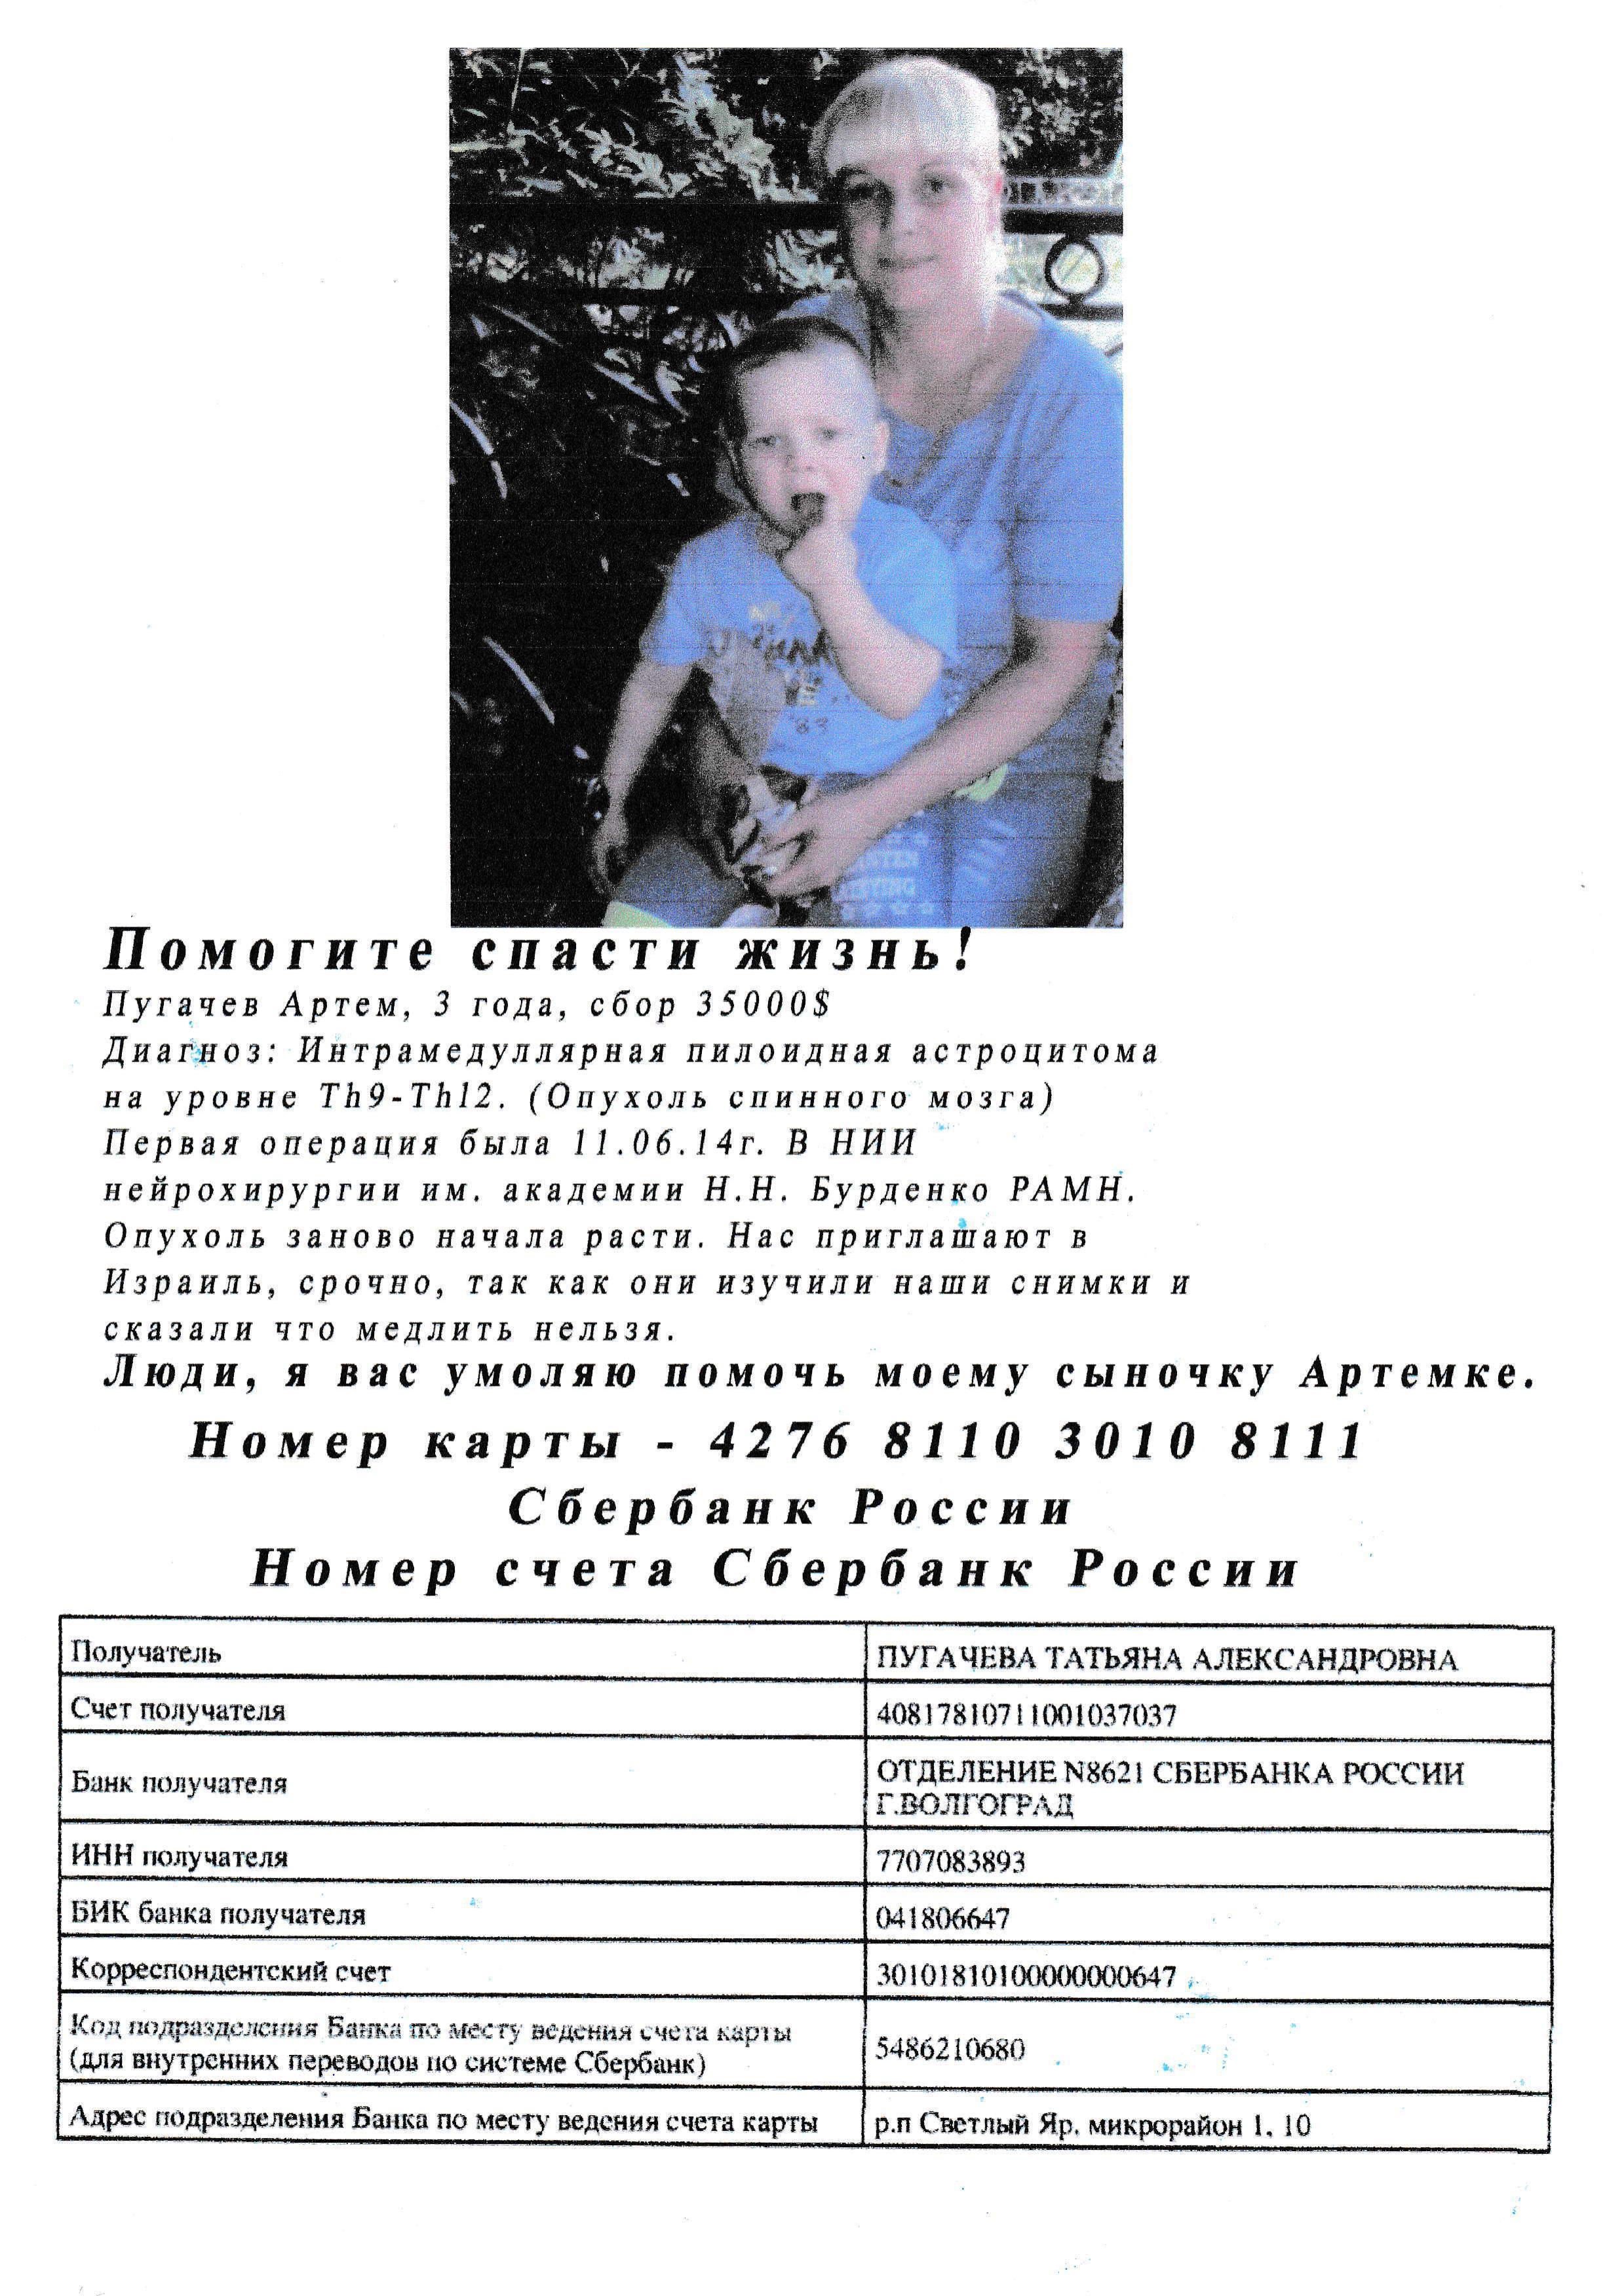 1 апреля в ДК Октябрь Светлоярского района состоится благотворительный концерт в поддержку Артема Пугачева - мальчику нужна операция